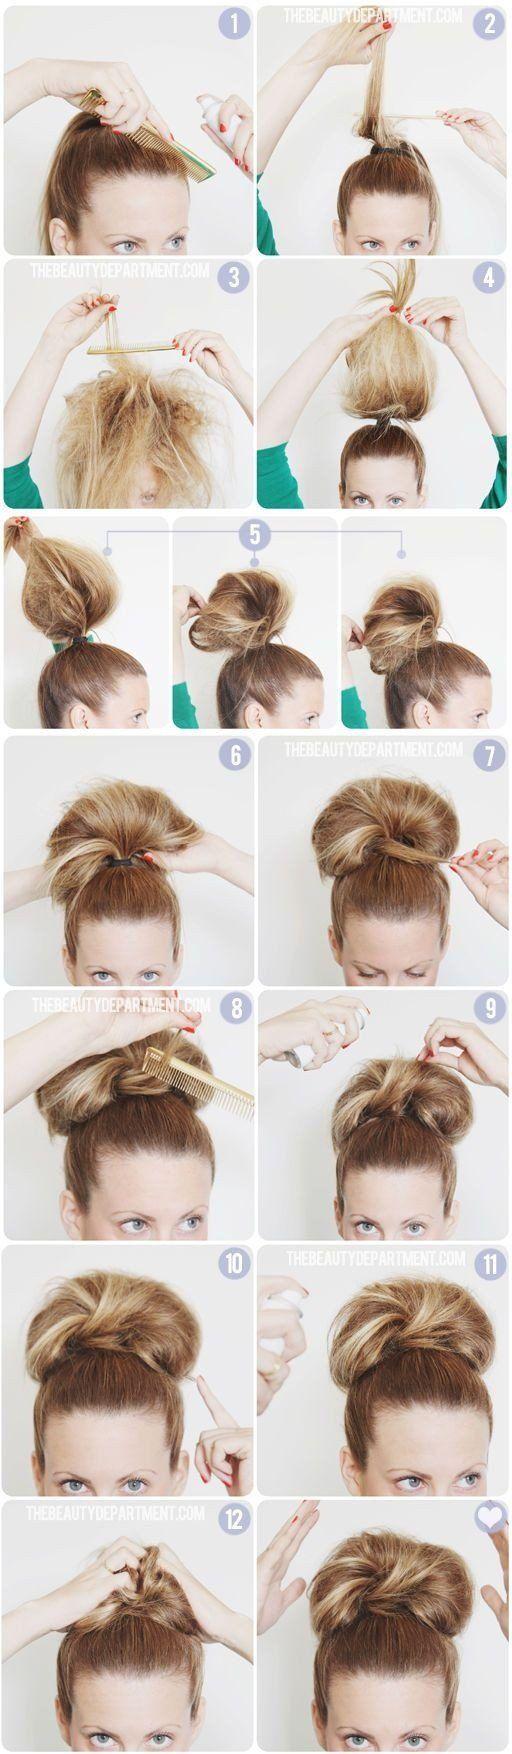 cool 13 erstaunliche Schritt für Schritt Haar Tutorials   guute Idee ...